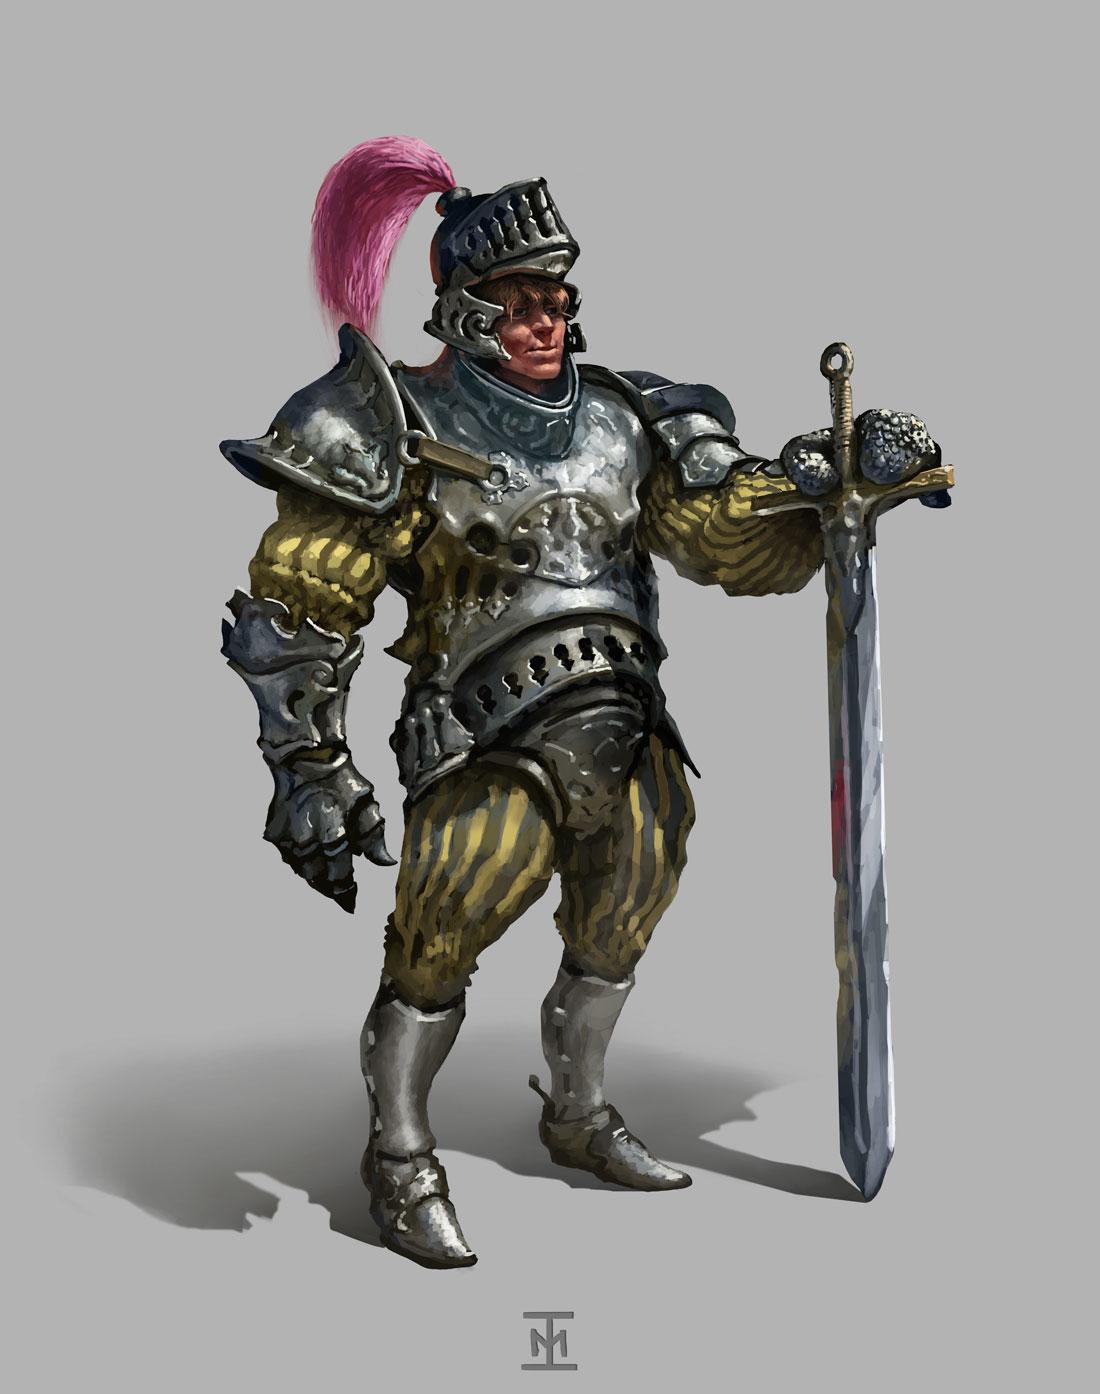 Devolt knight 1 19ad9f08 jc68